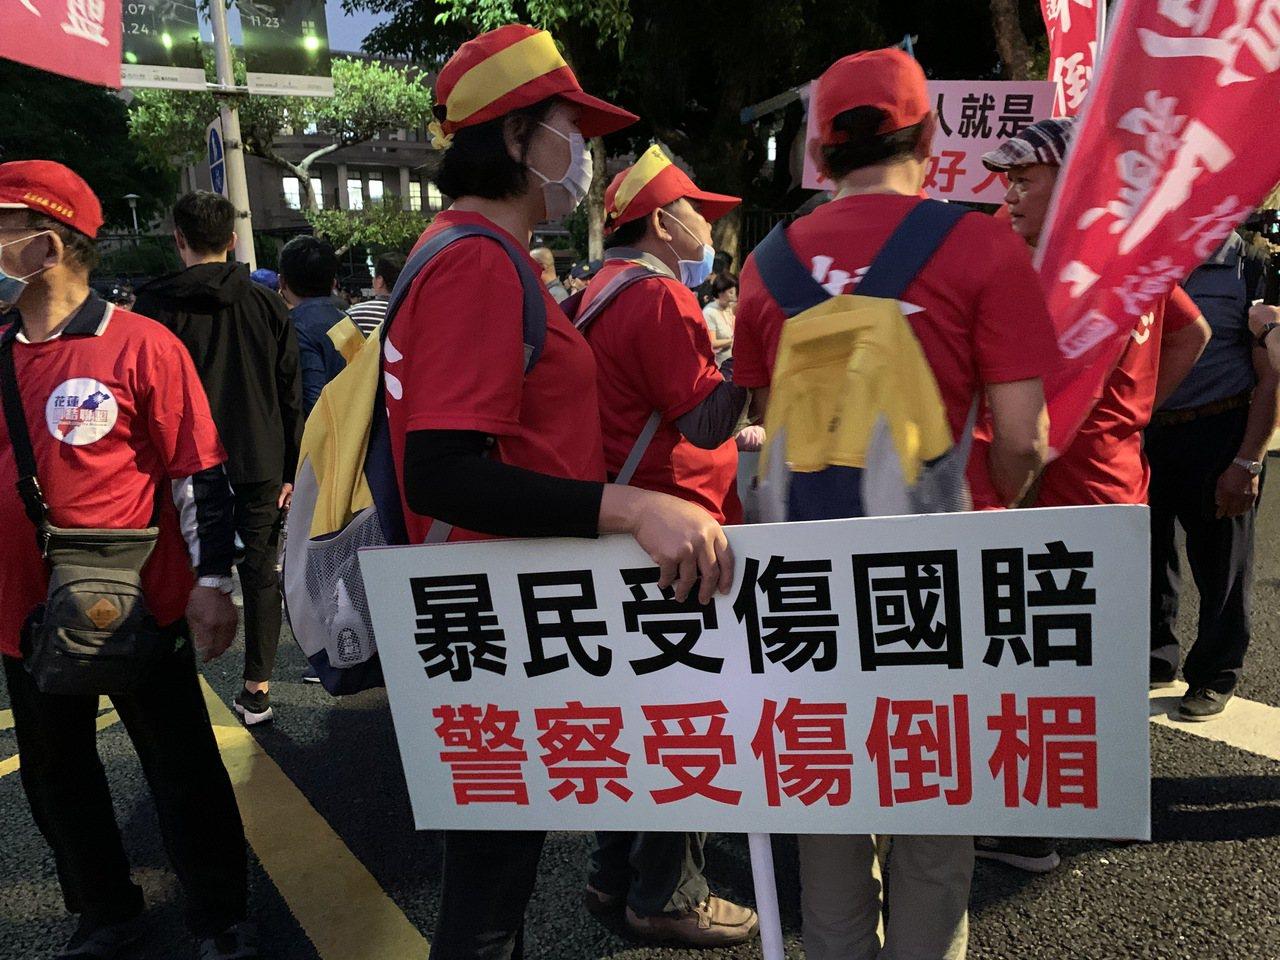 中华民国退休警察协会不满台北地院针对「太阳花学运」遭警驱离声请国赔案判决,今天下...